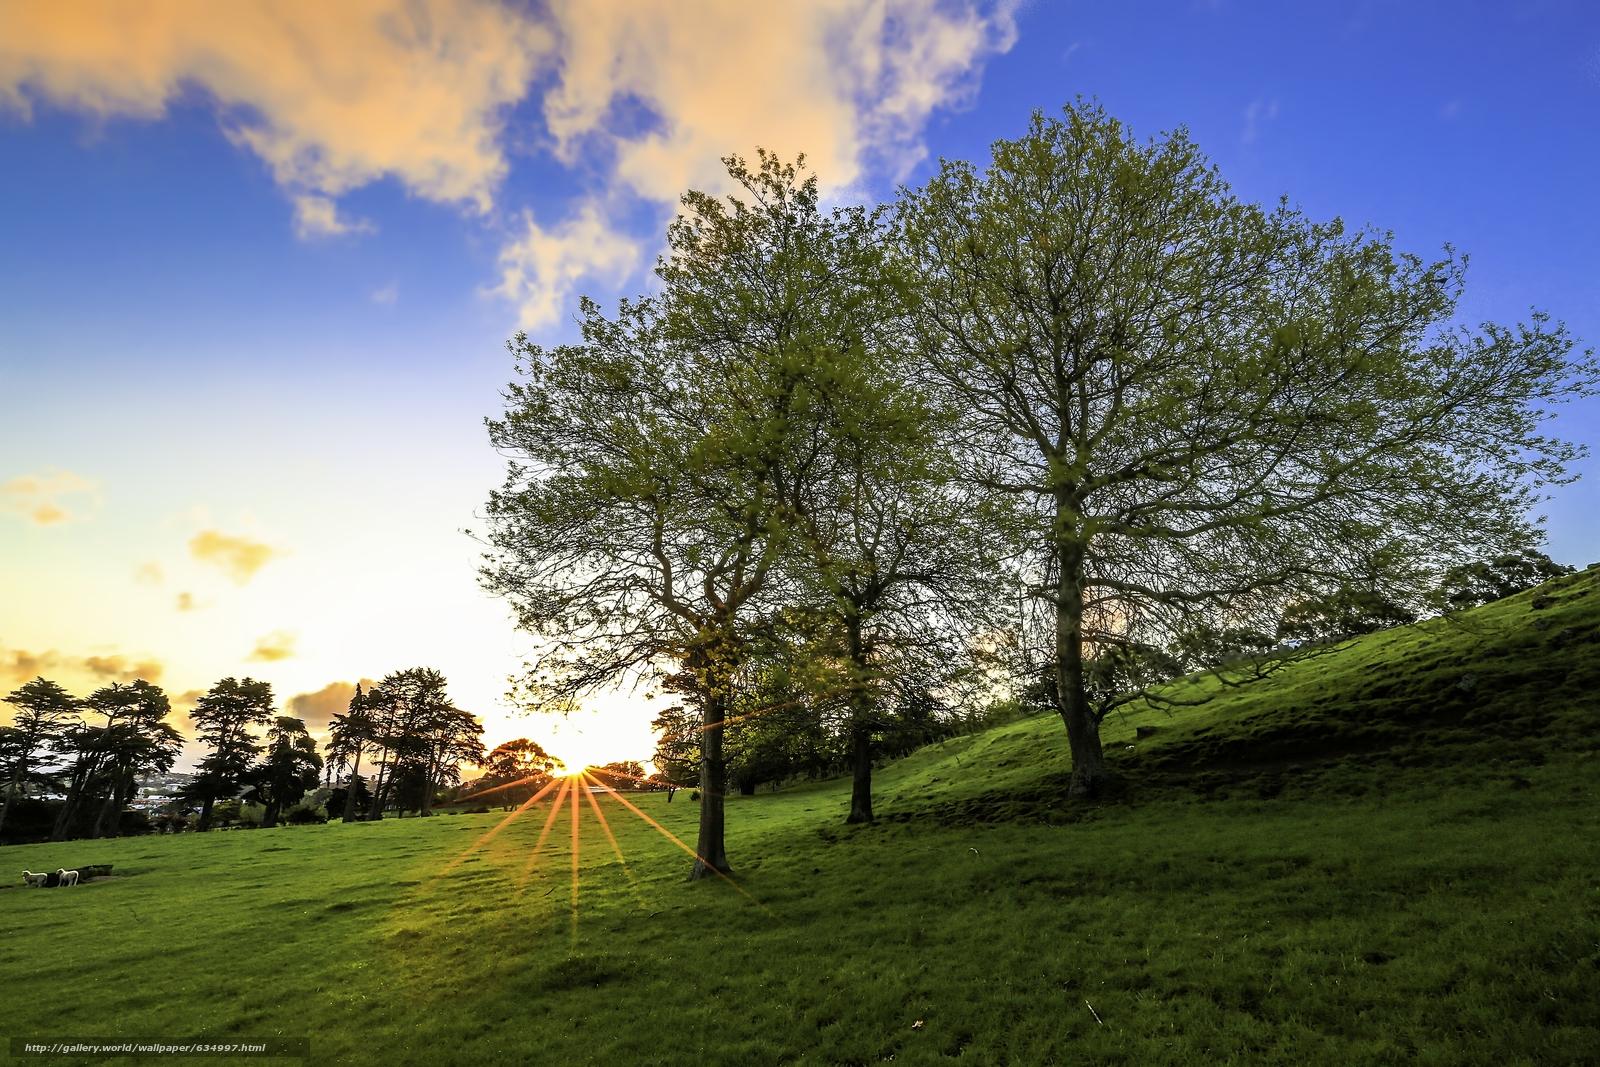 Tlcharger Fond d'ecran domaine,  Hills,  arbres,  paysage Fonds d'ecran gratuits pour votre rsolution du bureau 5760x3840 — image №634997